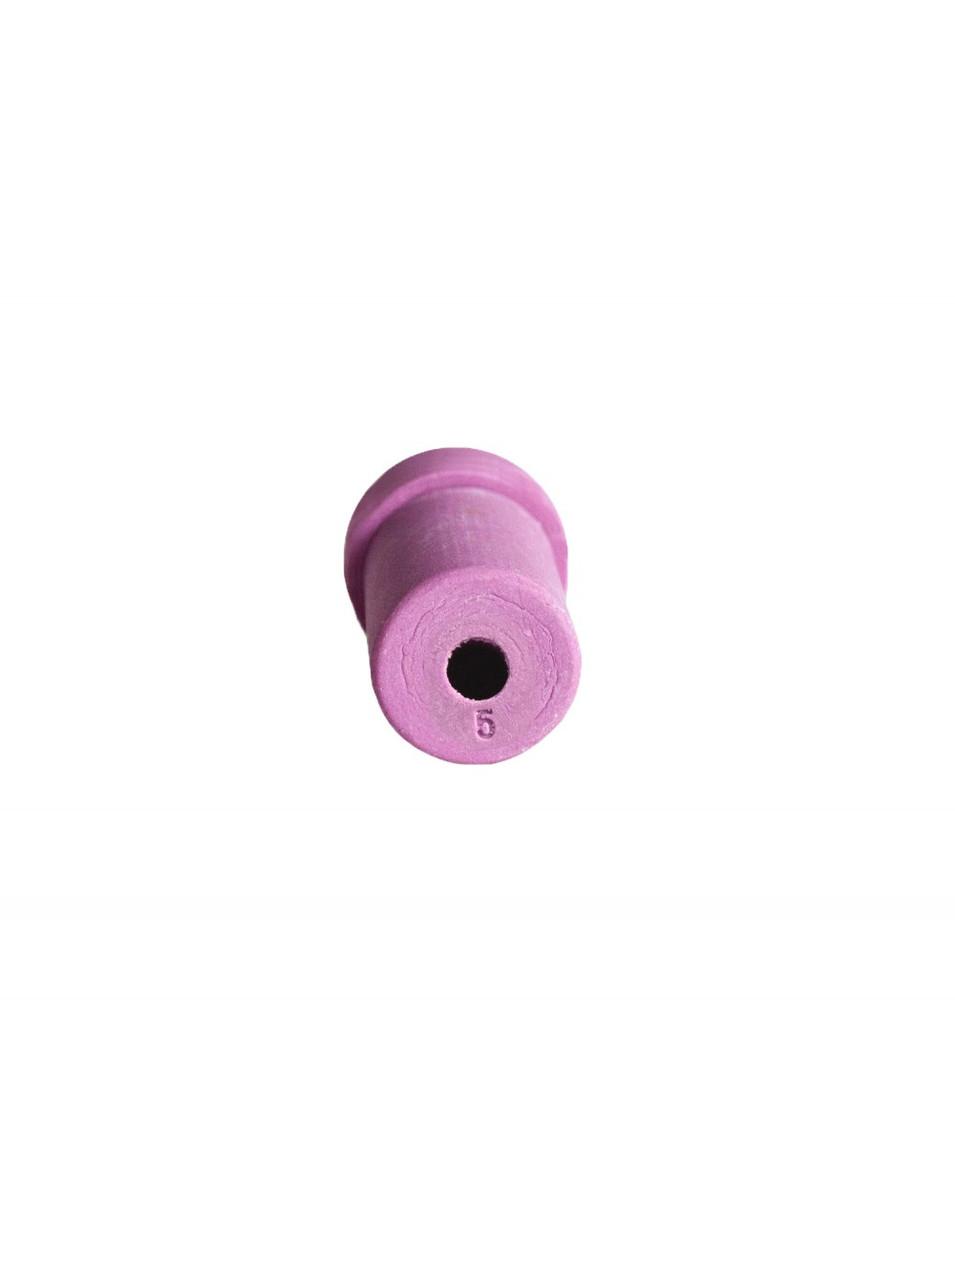 Пескоструйное сопло Boro 5мм. Керамика. Наружный диаметр 15,7 мм. Длина 35 мм.